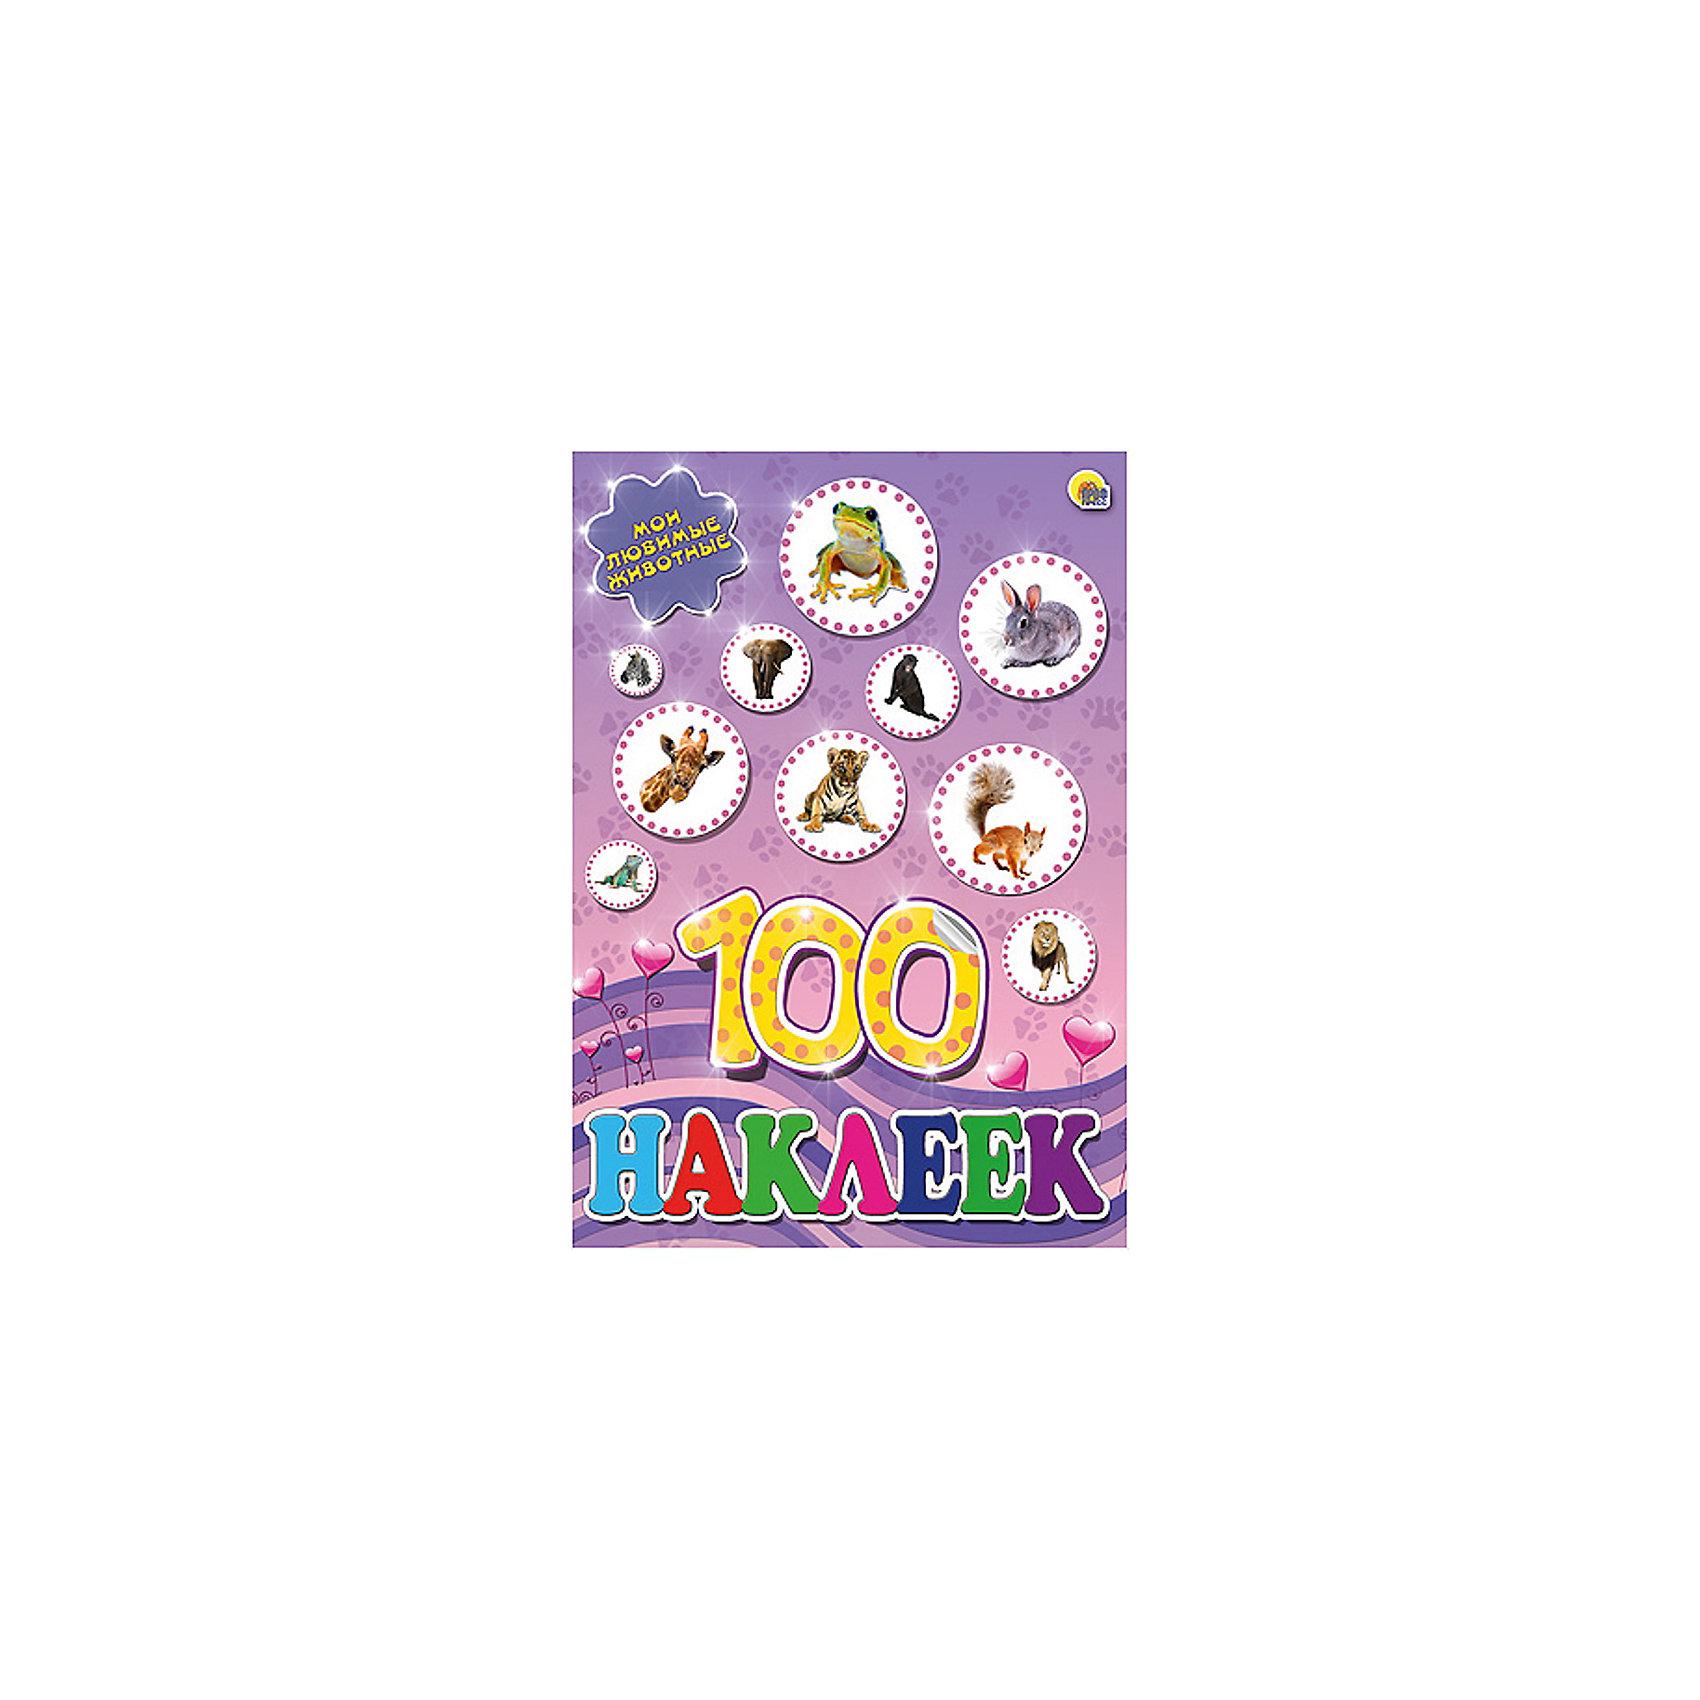 Альбом 100 наклеек. Любимые животныеАльбом 100 наклеек. Любимые животные станет отличным подарком для Вашего ребенка и познакомит его с многообразием животного мира. В альбоме содержится целых 100 красочных наклеек с изображениями очаровательных диких и домашних животных. Яркими наклейками<br>можно украсить рисунки, тетрадки, мебель или игрушки. <br><br>Дополнительная информация:<br><br>- Серия: 100 наклеек.<br>- Обложка: мягкая.<br>- Иллюстрации: цветные.<br>- Объем: 4 стр.<br>- Размер: 20 х 0,2 х 29,5 см.<br>- Вес: 66 гр.<br><br>Альбом 100 наклеек. Любимые животные, Проф-Пресс, можно купить в нашем интернет-магазине.<br><br>Ширина мм: 200<br>Глубина мм: 2<br>Высота мм: 295<br>Вес г: 660<br>Возраст от месяцев: 24<br>Возраст до месяцев: 96<br>Пол: Унисекс<br>Возраст: Детский<br>SKU: 4190041